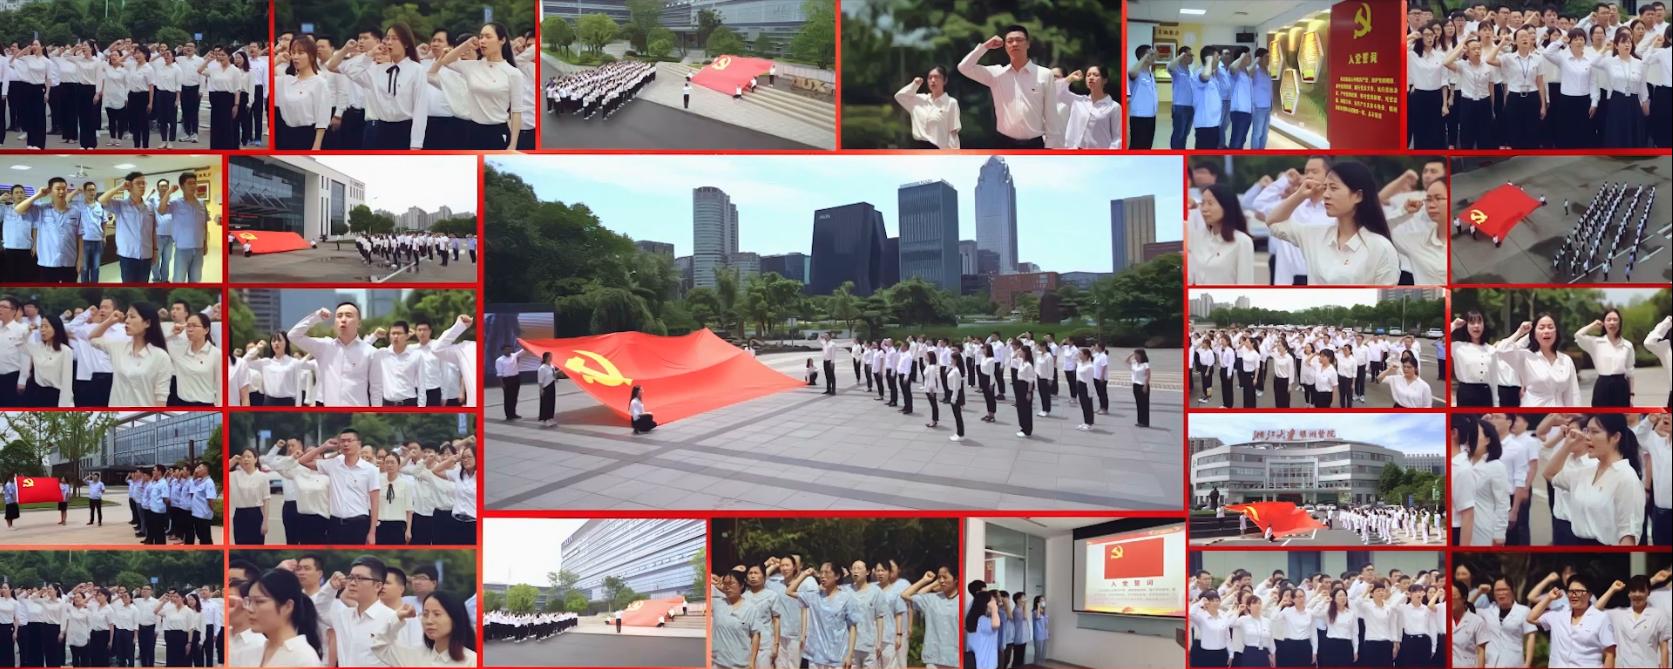 致(zhi)敬百年(nian) 奧克斯(si)集團(tuan)熱烈(lie)慶祝中國共產黨成立100周(zhou)年(nian)